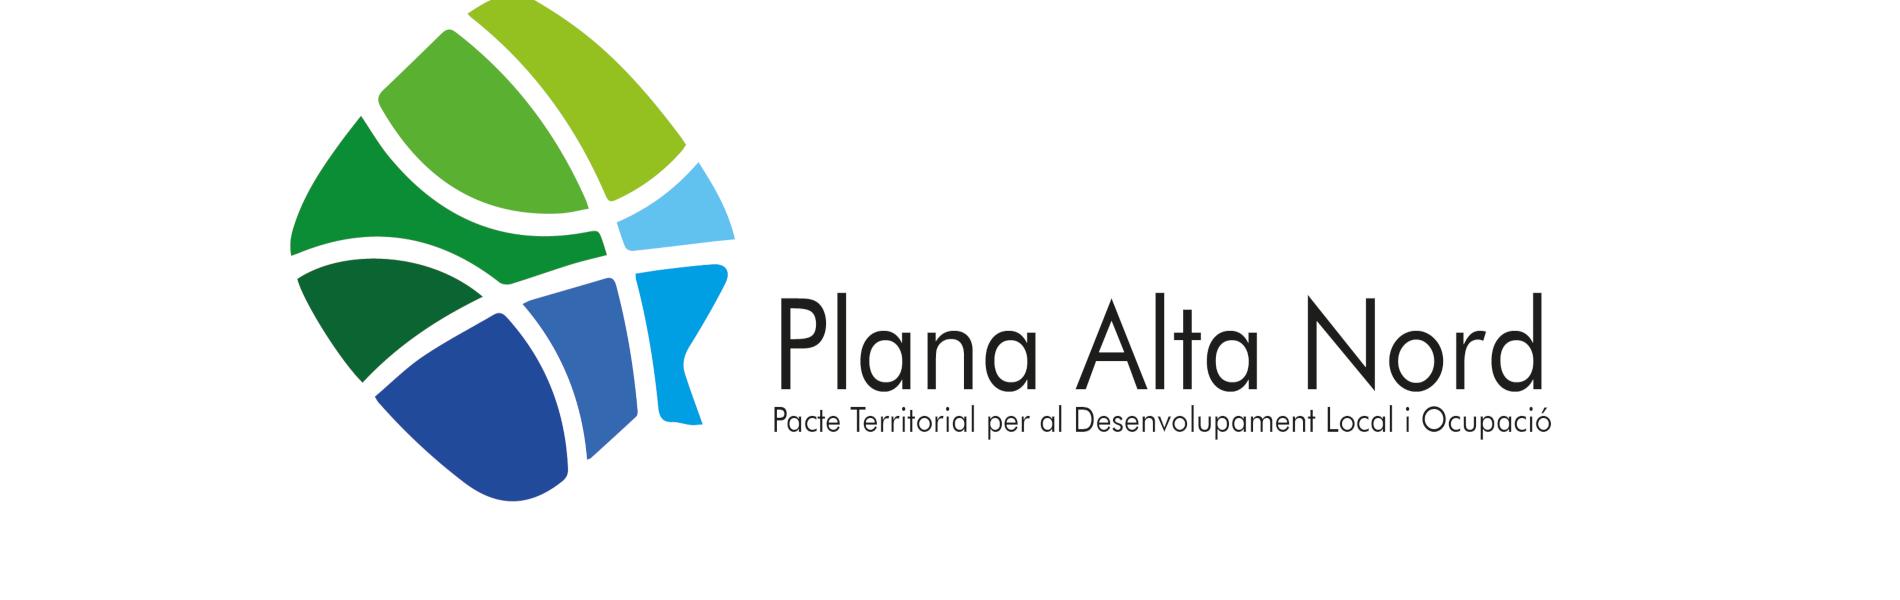 PACTO TERRITORIAL POR EL DESARROLLO LOCAL Y EMPLEO DE LA PLANA ALTA NORD